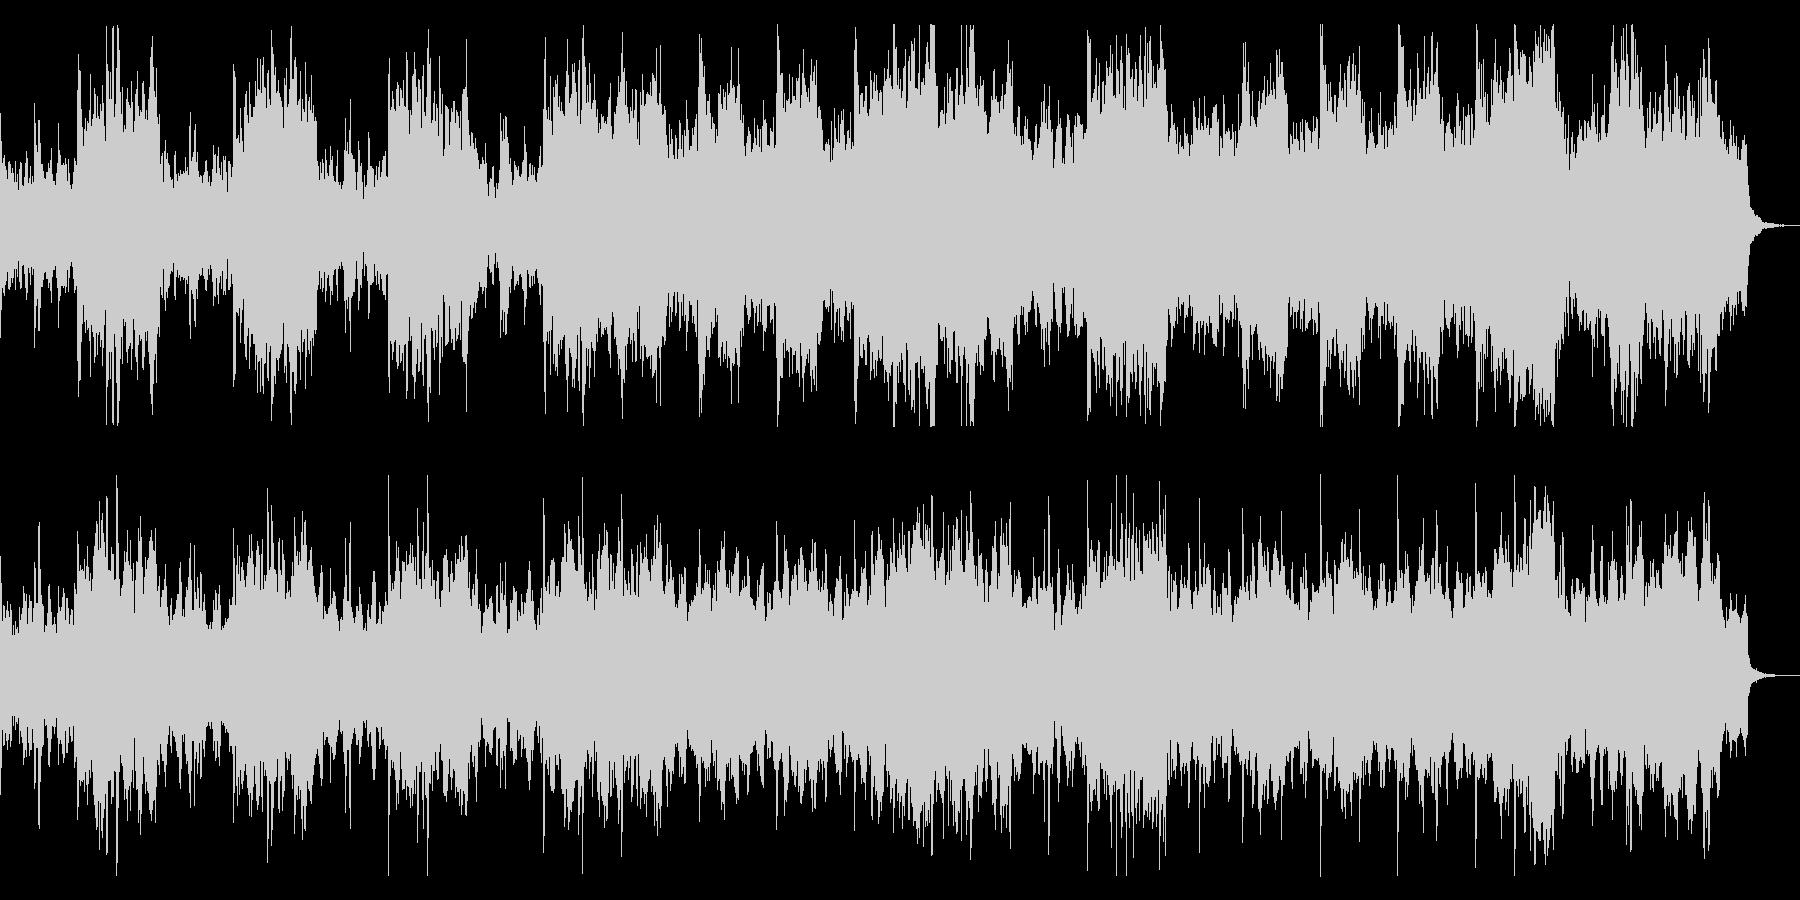 ダーク、ホラー向け ドラム入りBGMの未再生の波形